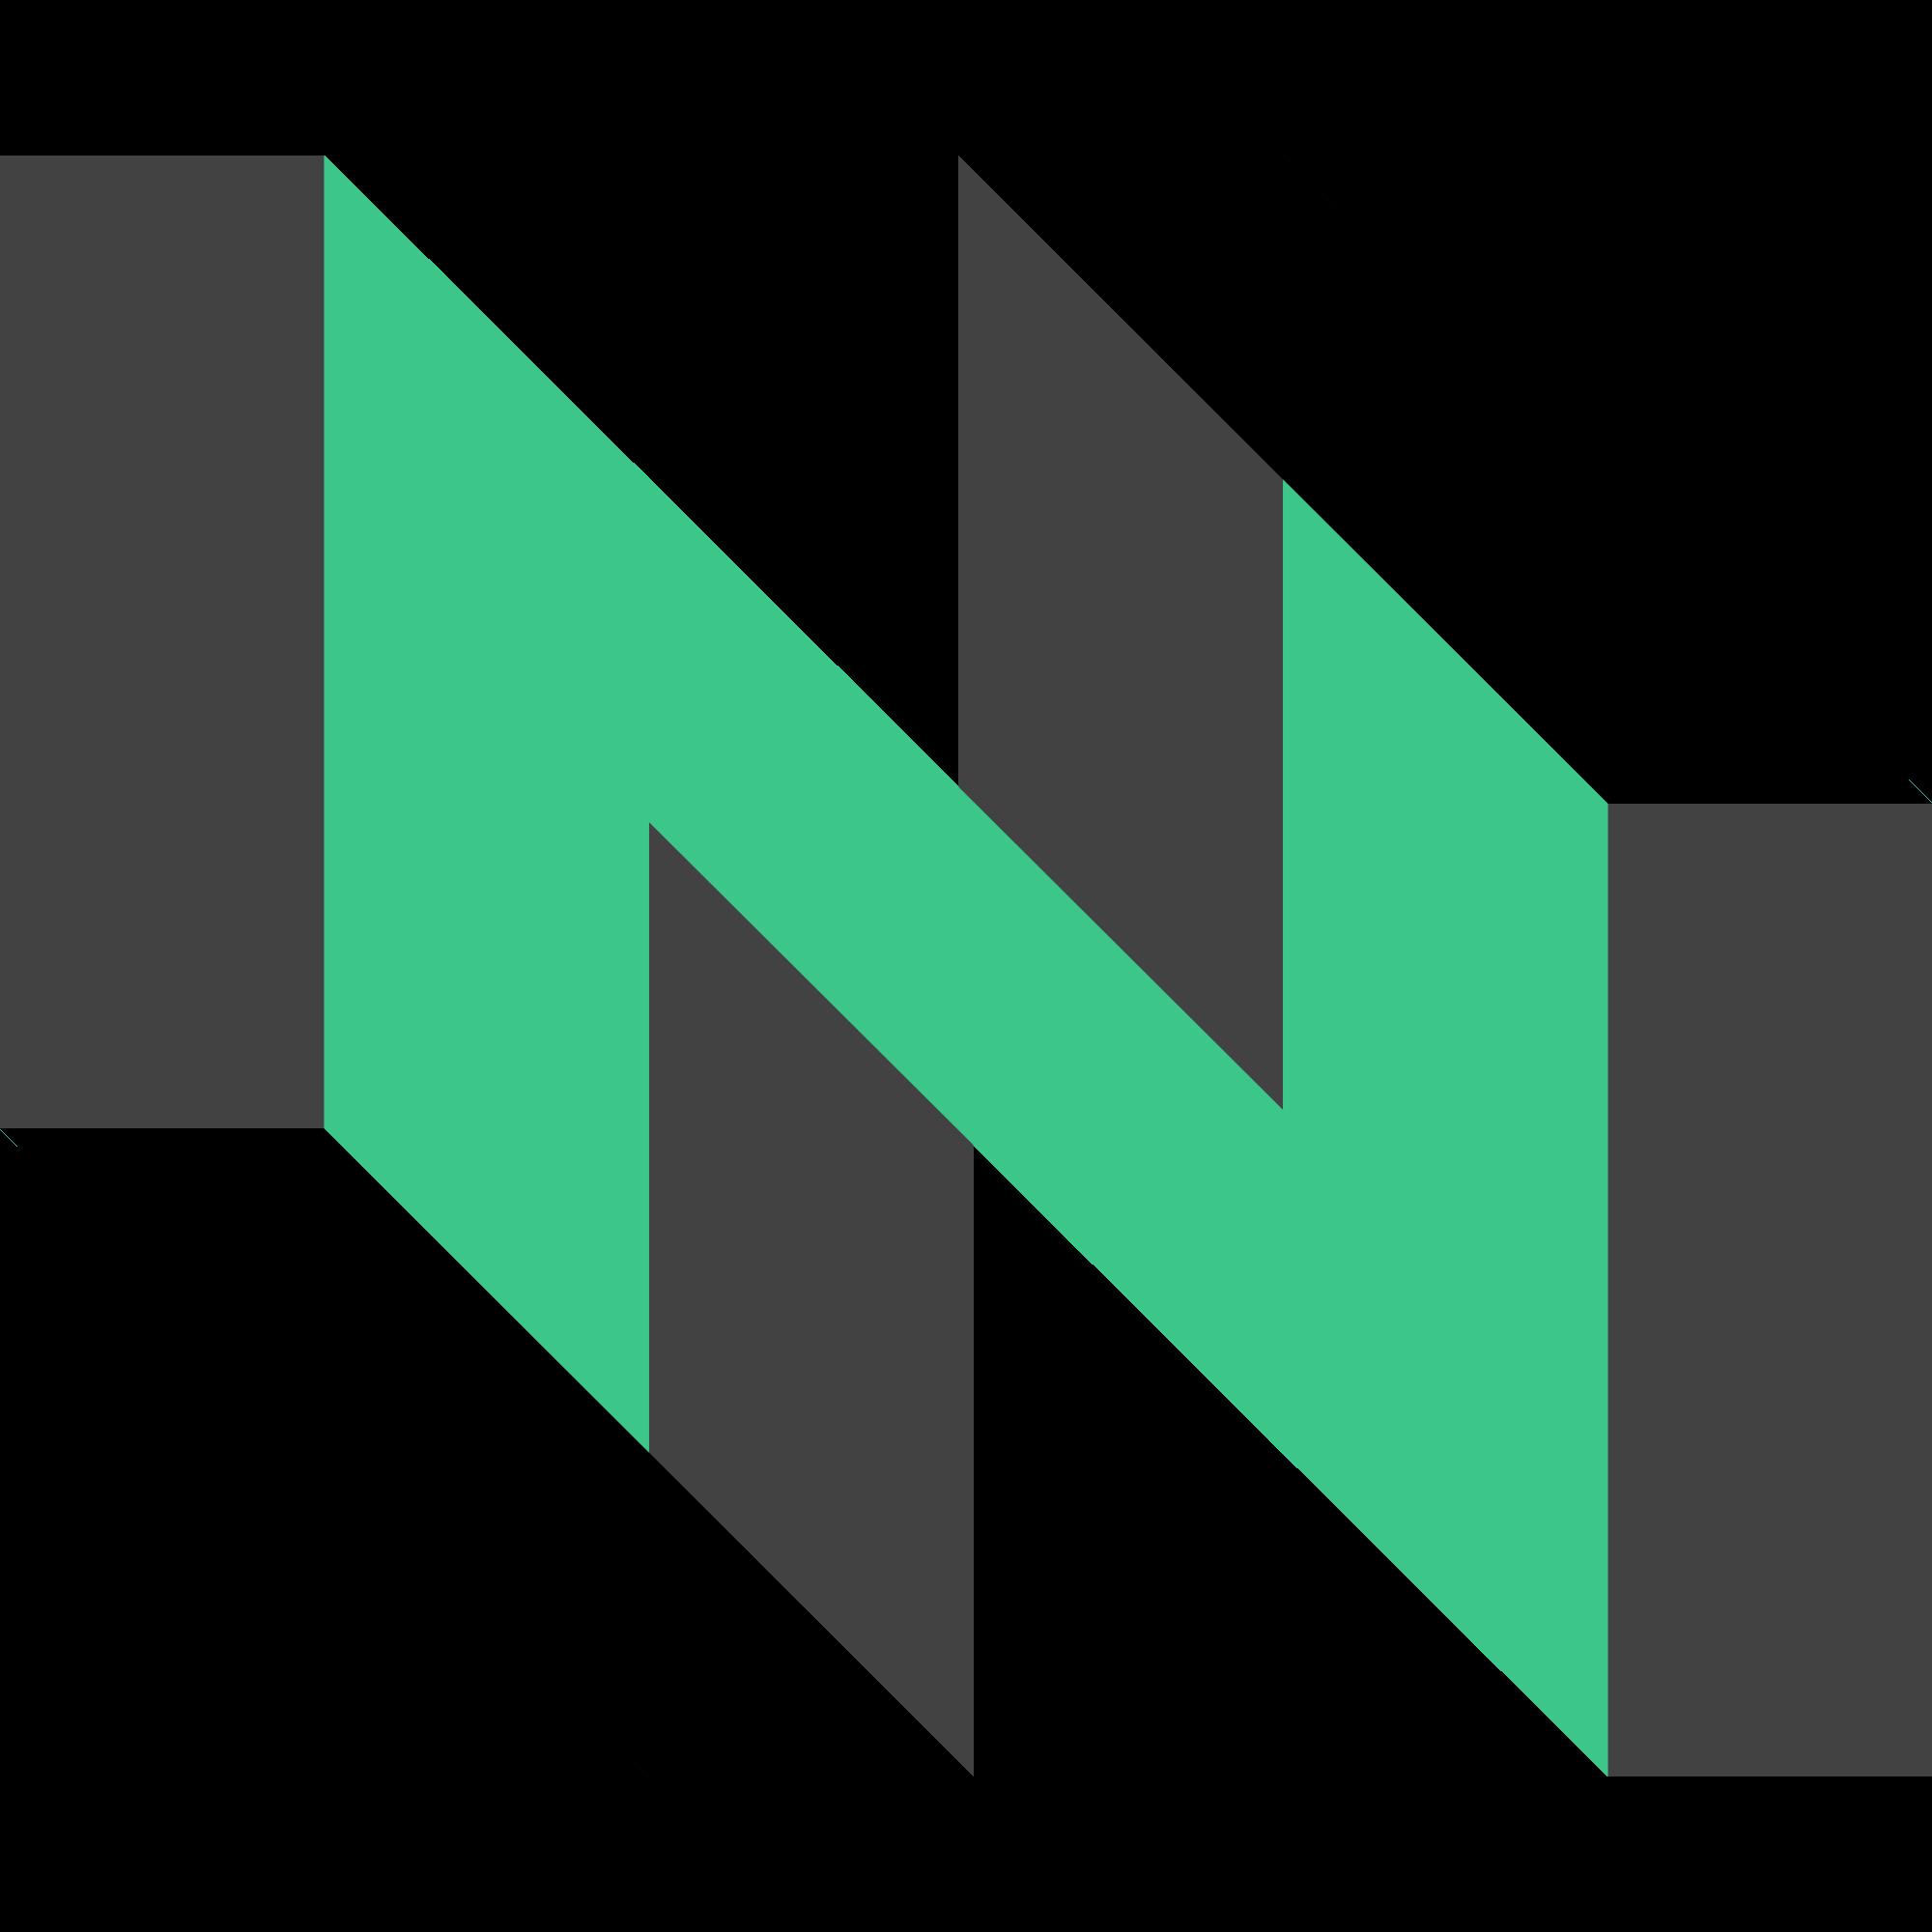 Nervos kryptomena logo